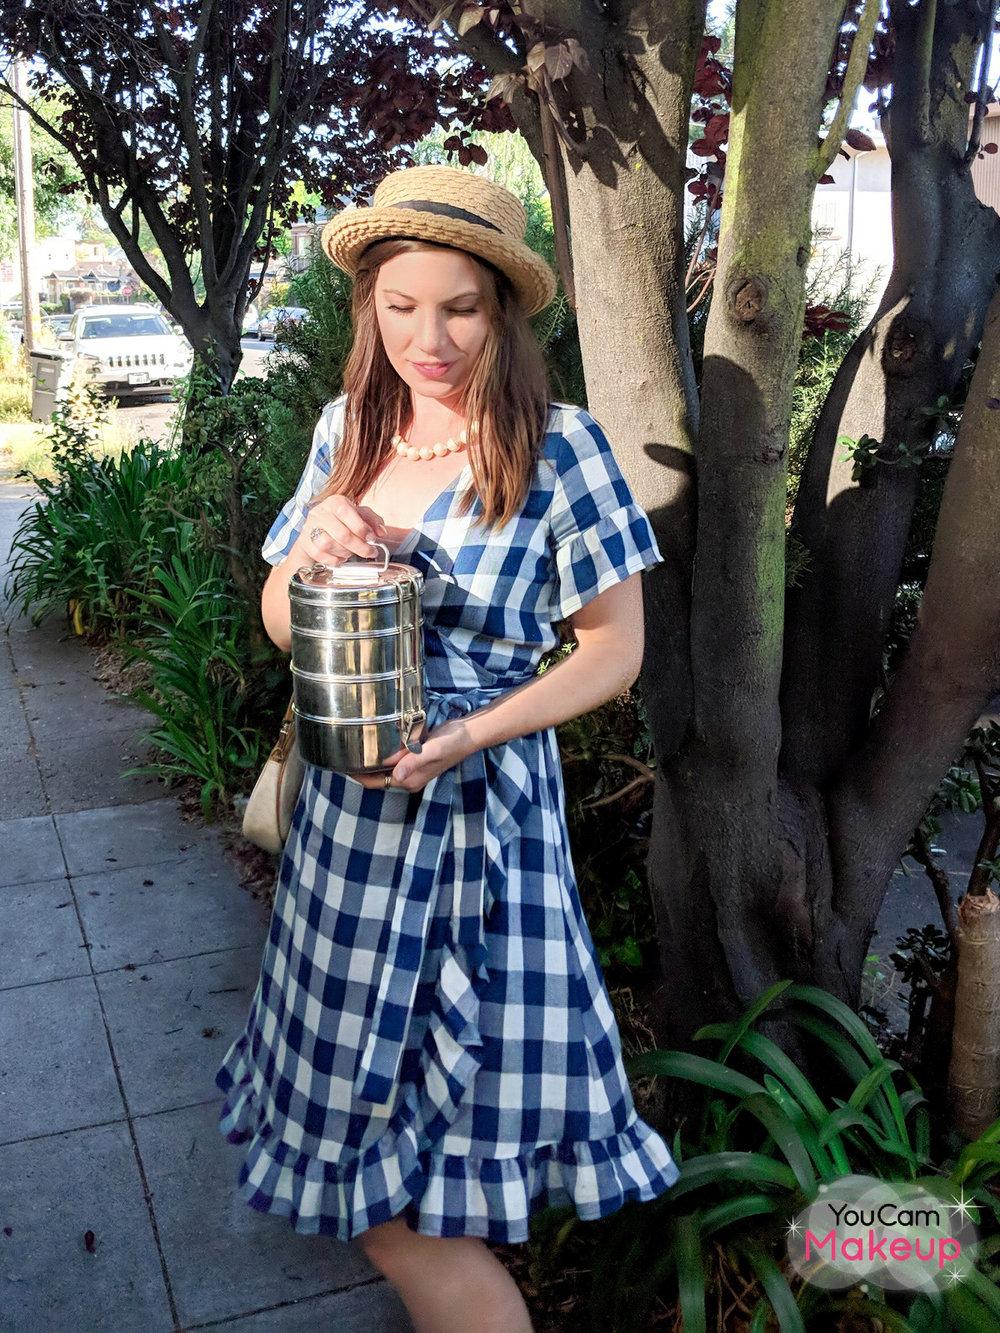 10 pieces, 30 outfits from www.goingzerowaste.com #capsulewardrobe #zerowaste